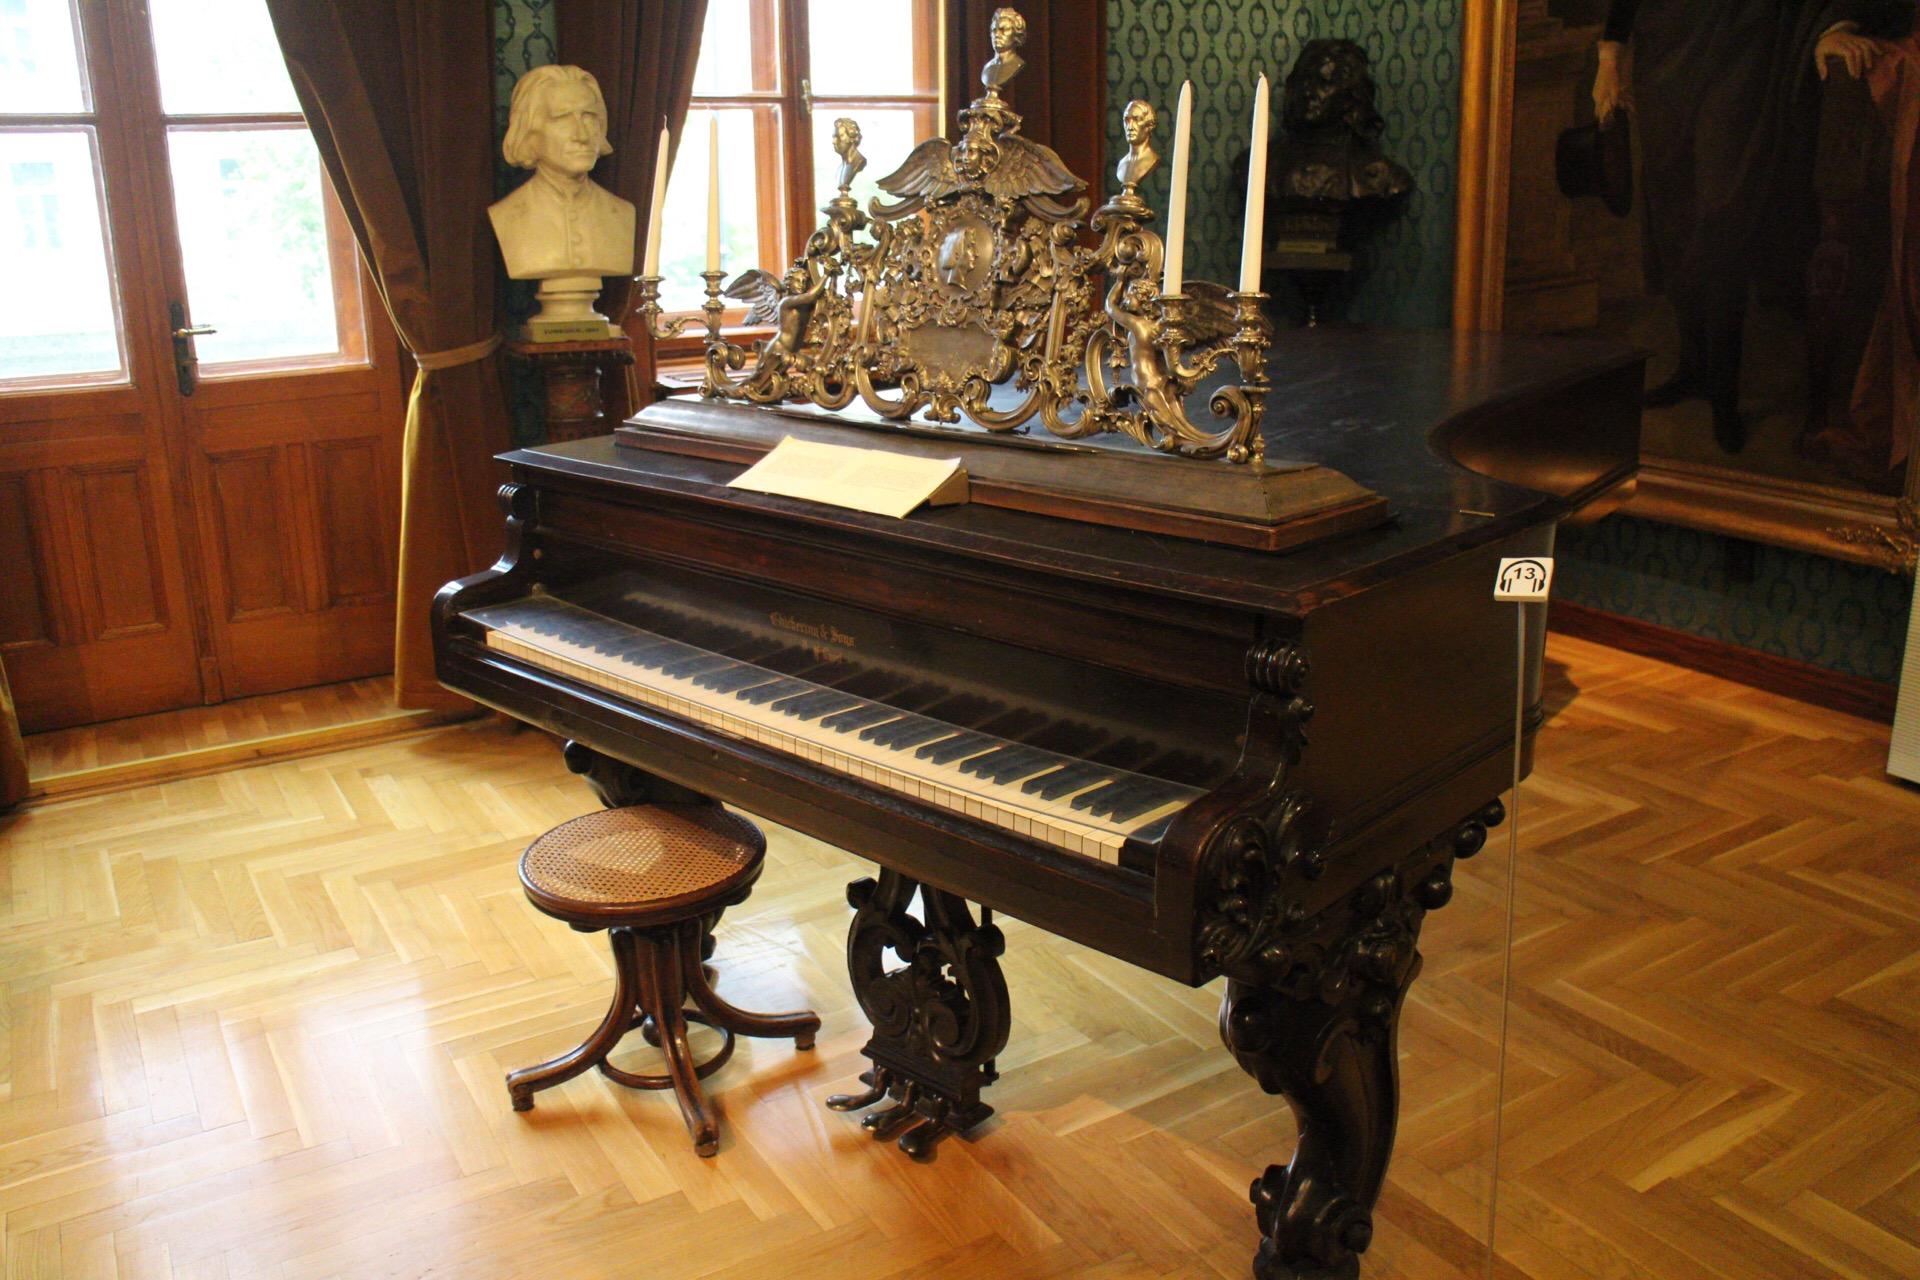 ブダペストのリスト・フェレンツ記念博物館に行ってきたよ。